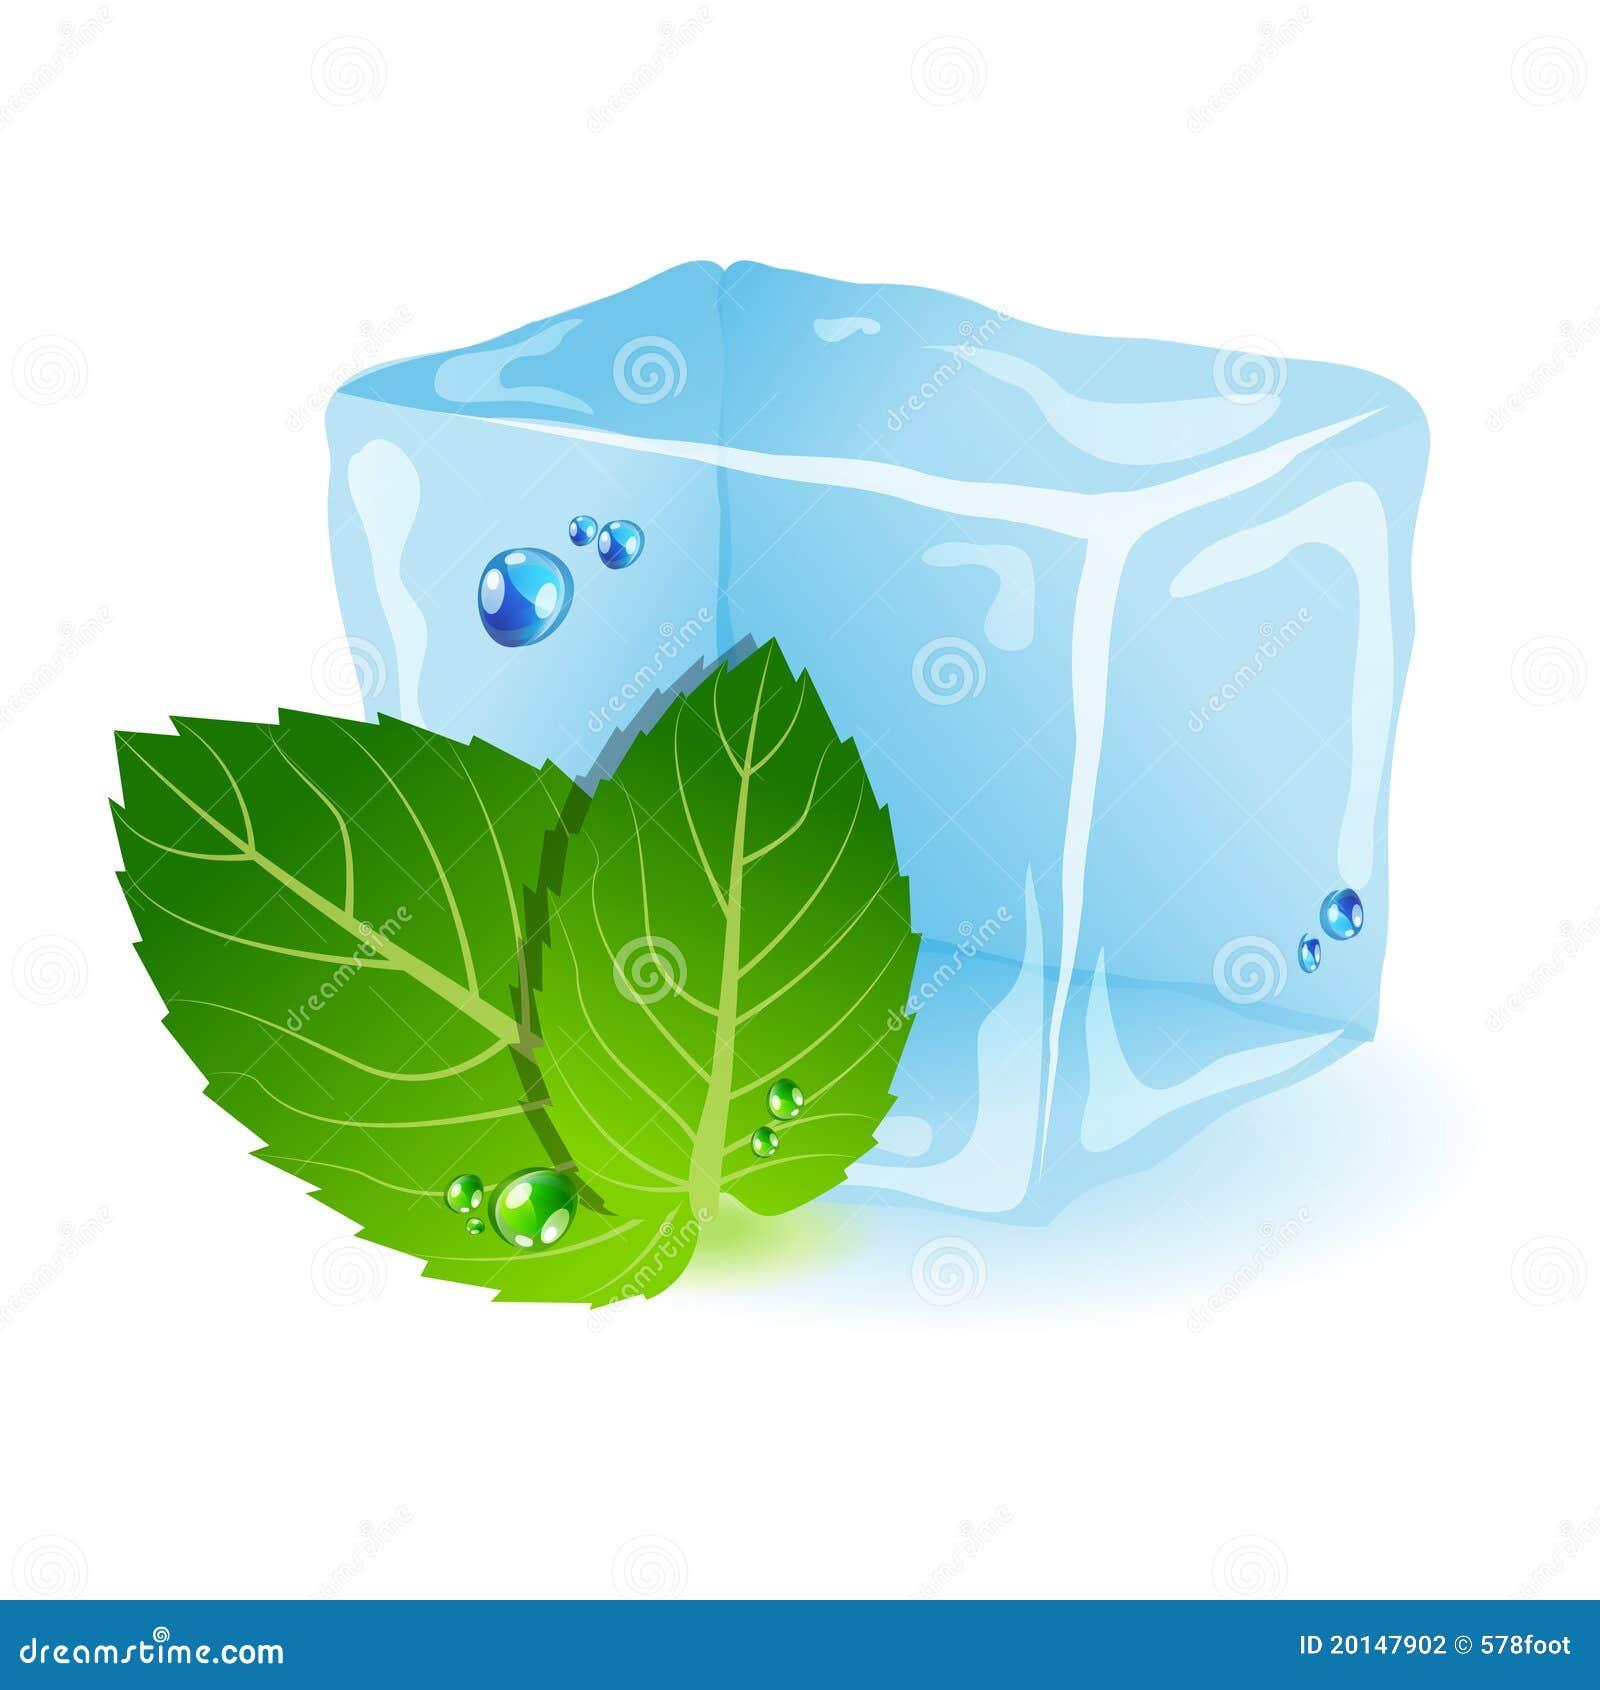 mint-ice-20147902.jpg